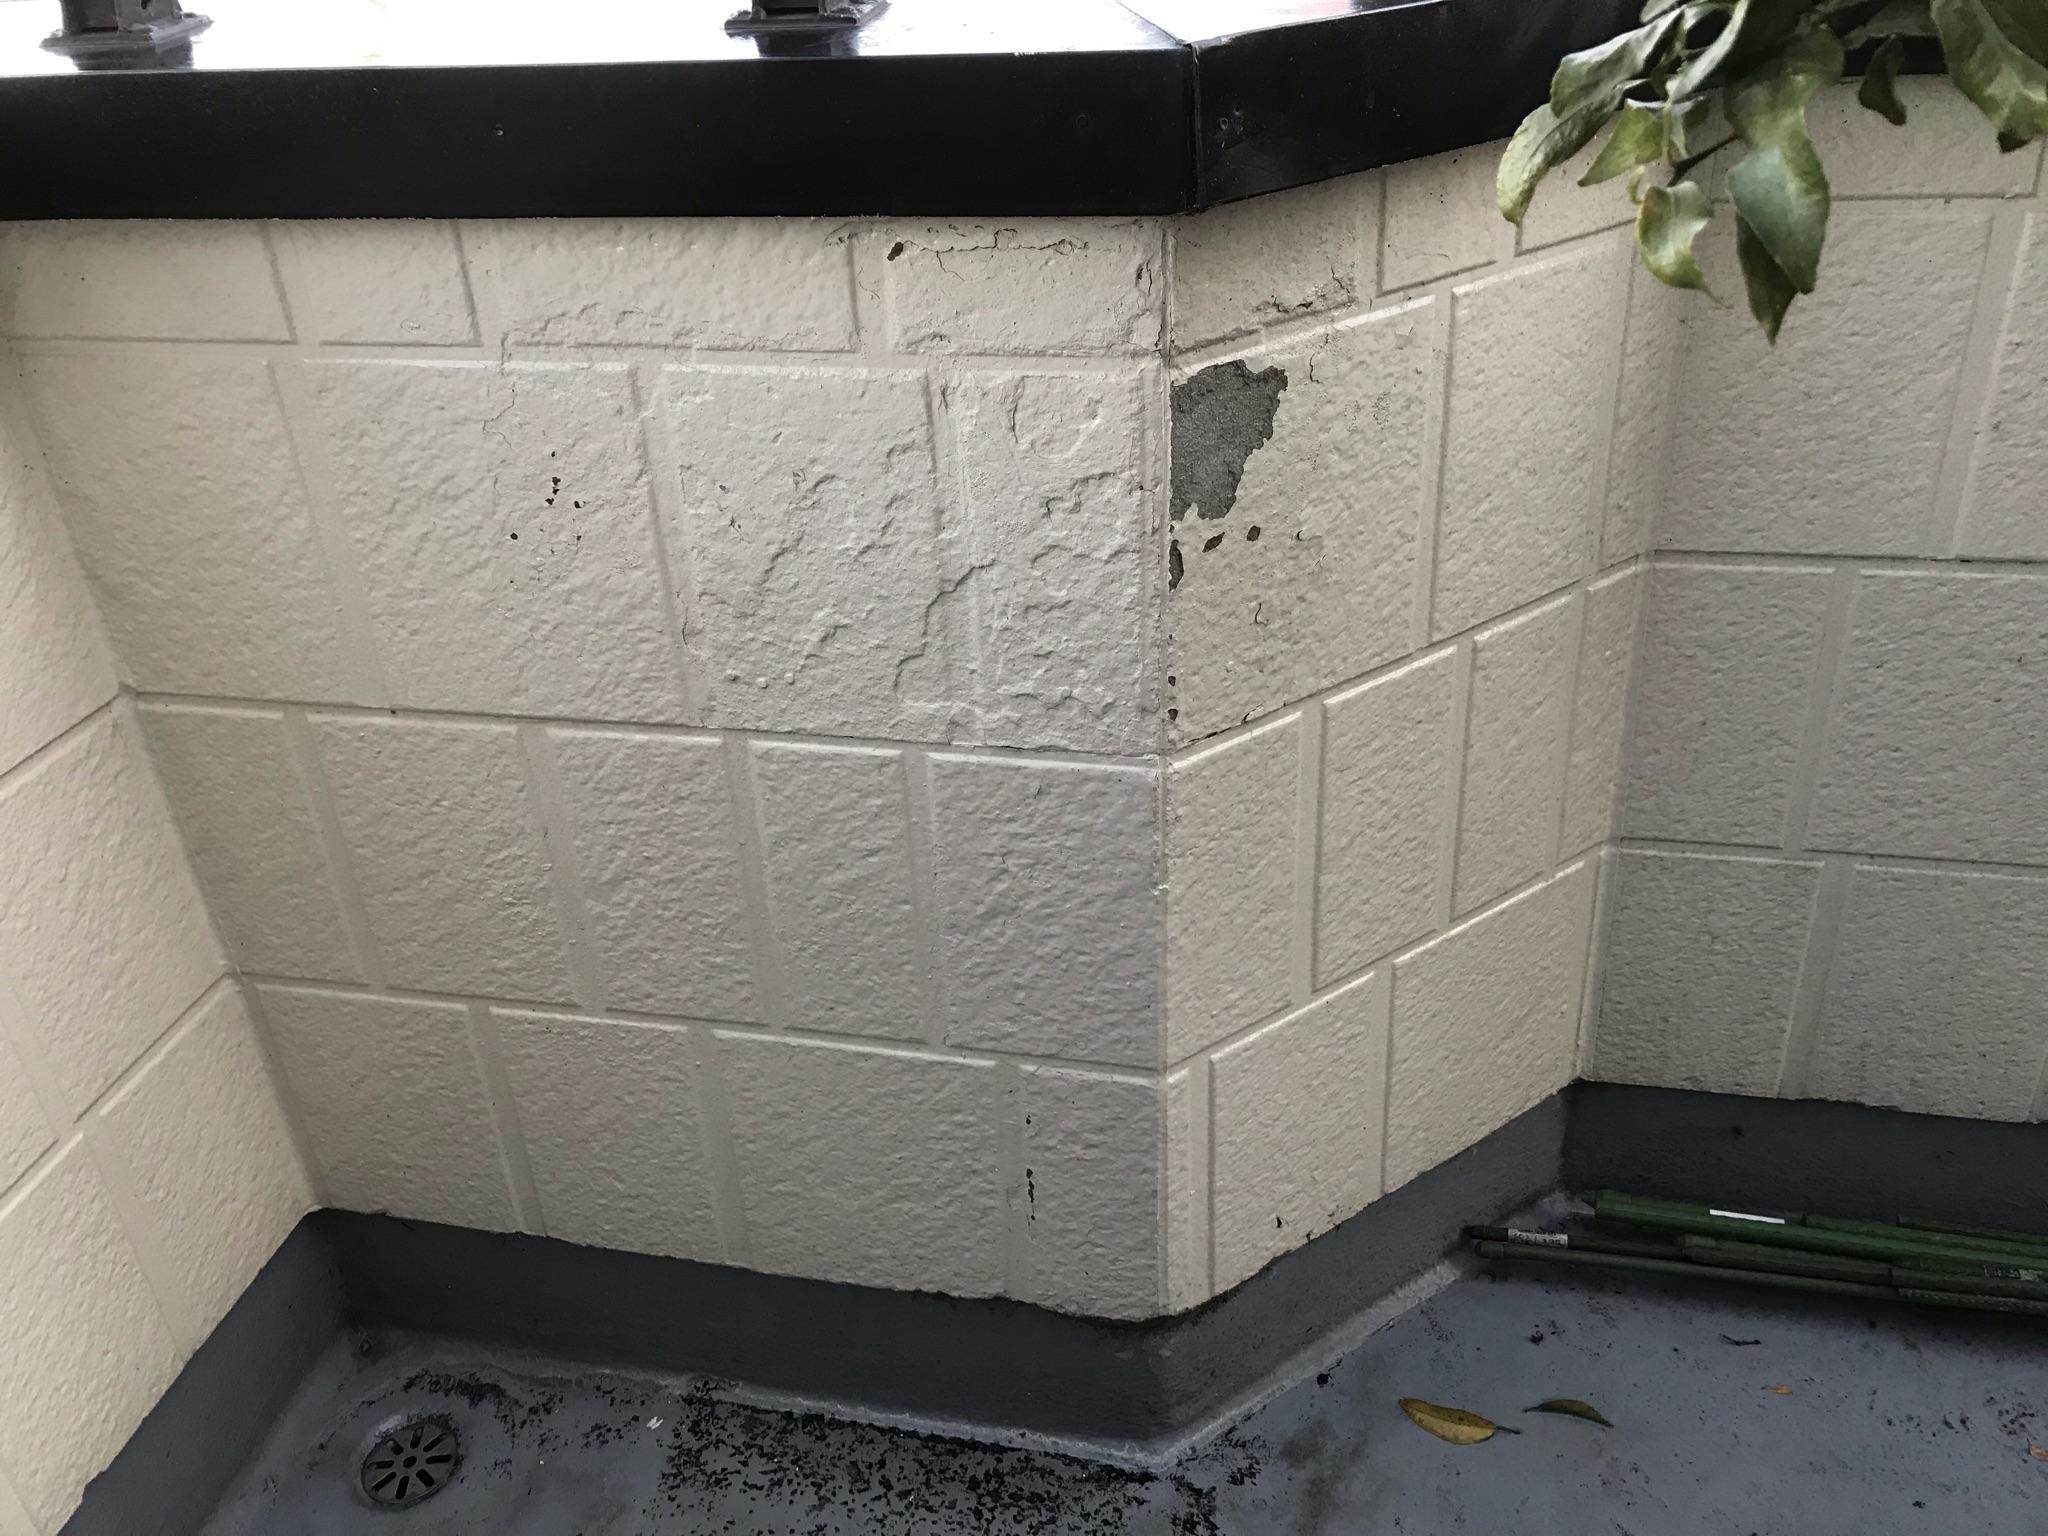 春日部市豊町 4年前に塗装したサイディング外壁のベランダ内側一部が剥がれた為部分補修し部分塗装です。アルミドアもコーティング